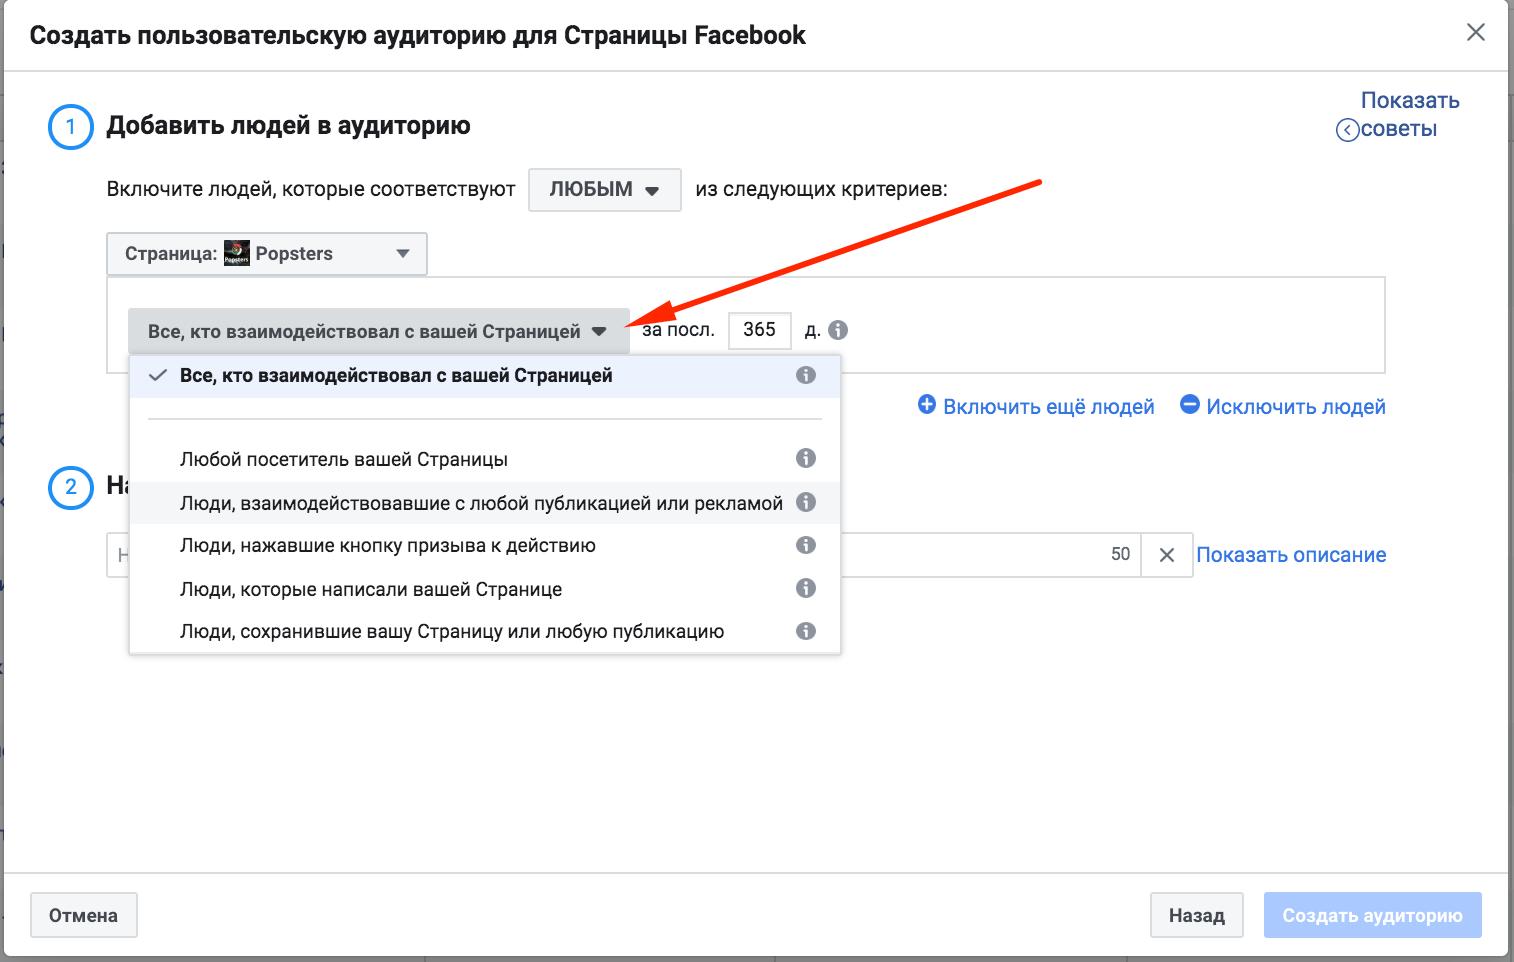 Настройка пользовательской аудитории ретаргетинга в Фейсбук